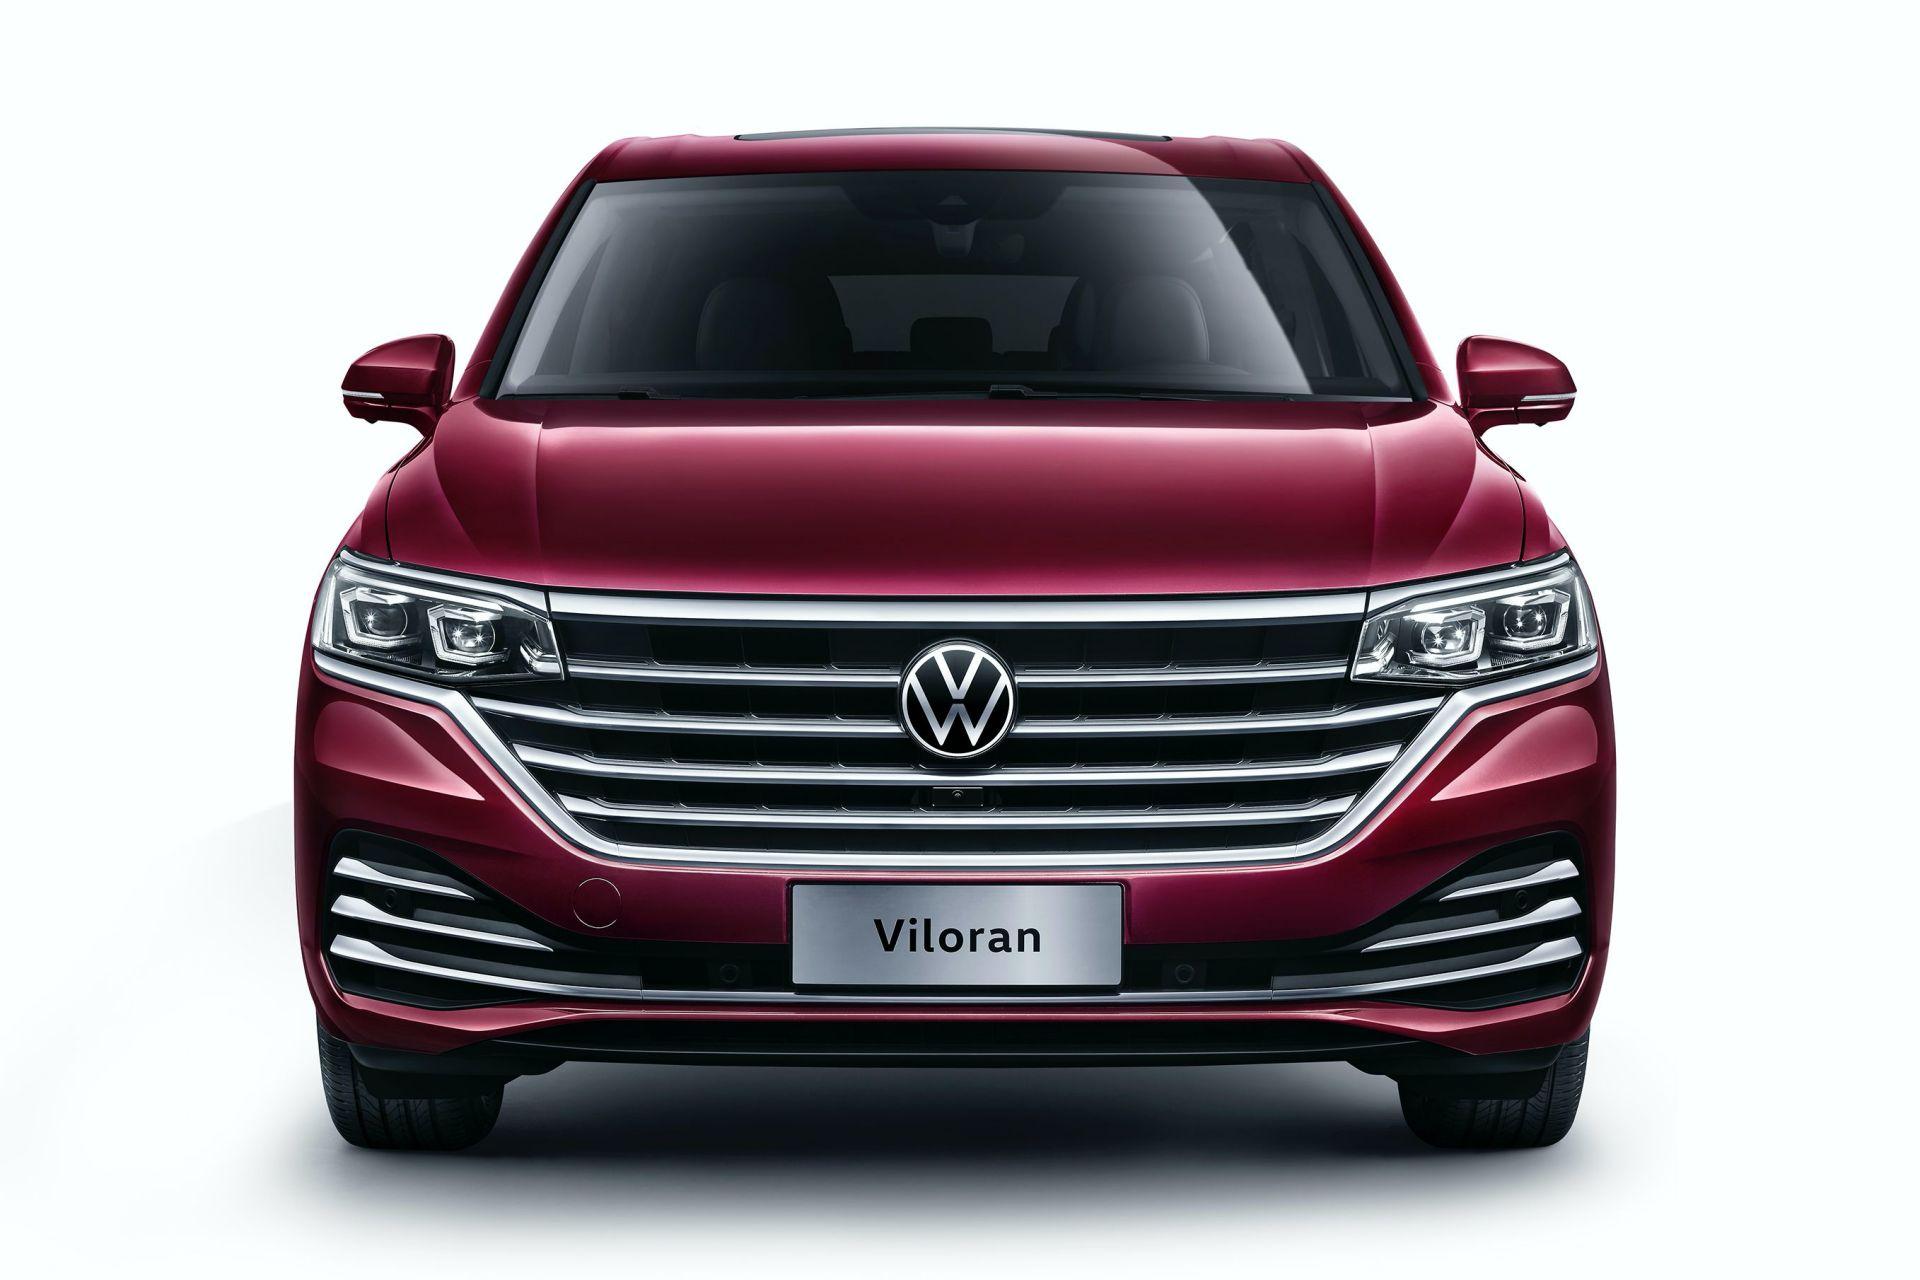 VW_Viloran_0001